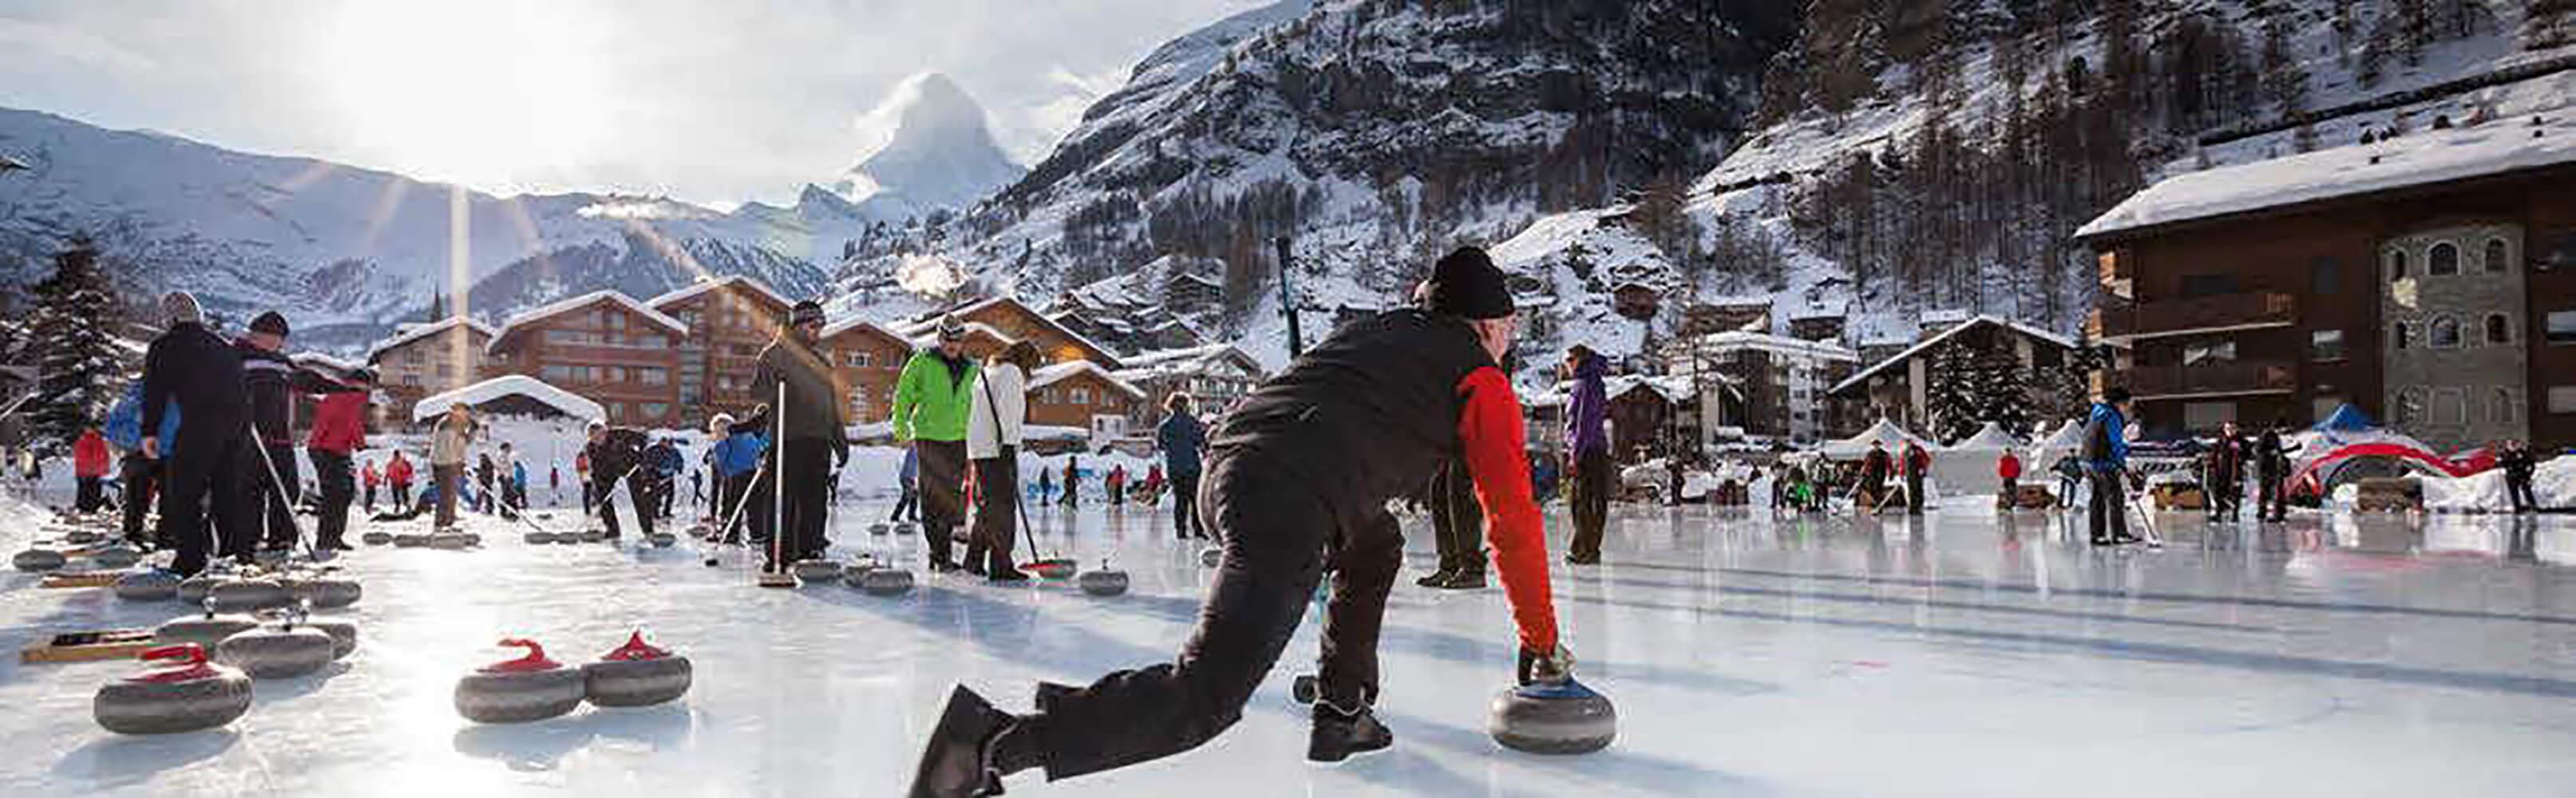 Eisbahnen Zermatt 1